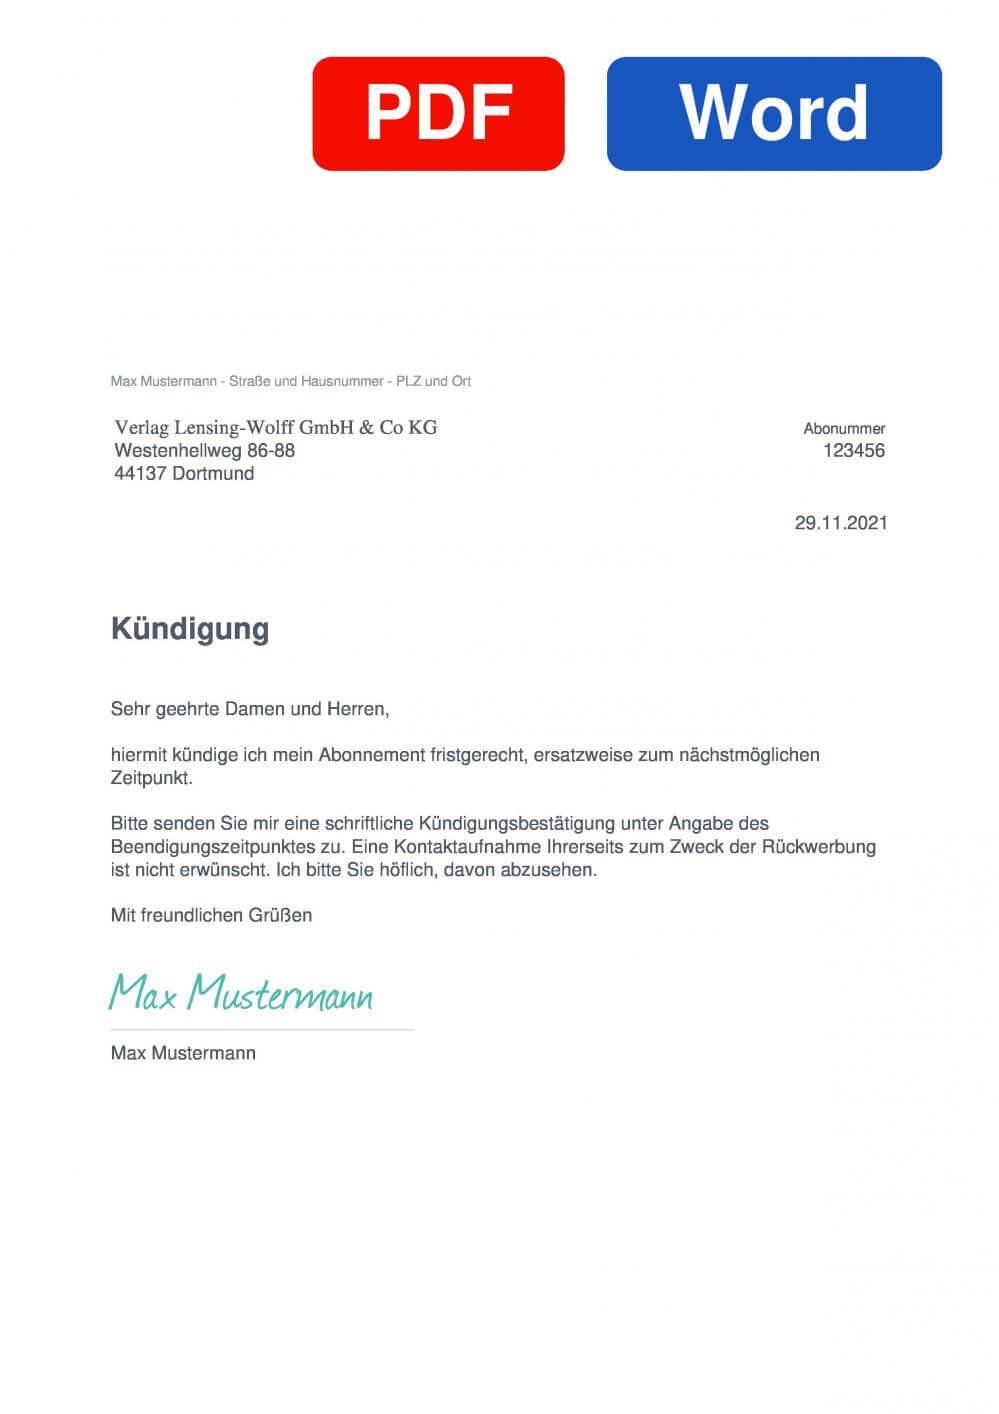 Ruhr Nachrichten Muster Vorlage für Kündigungsschreiben